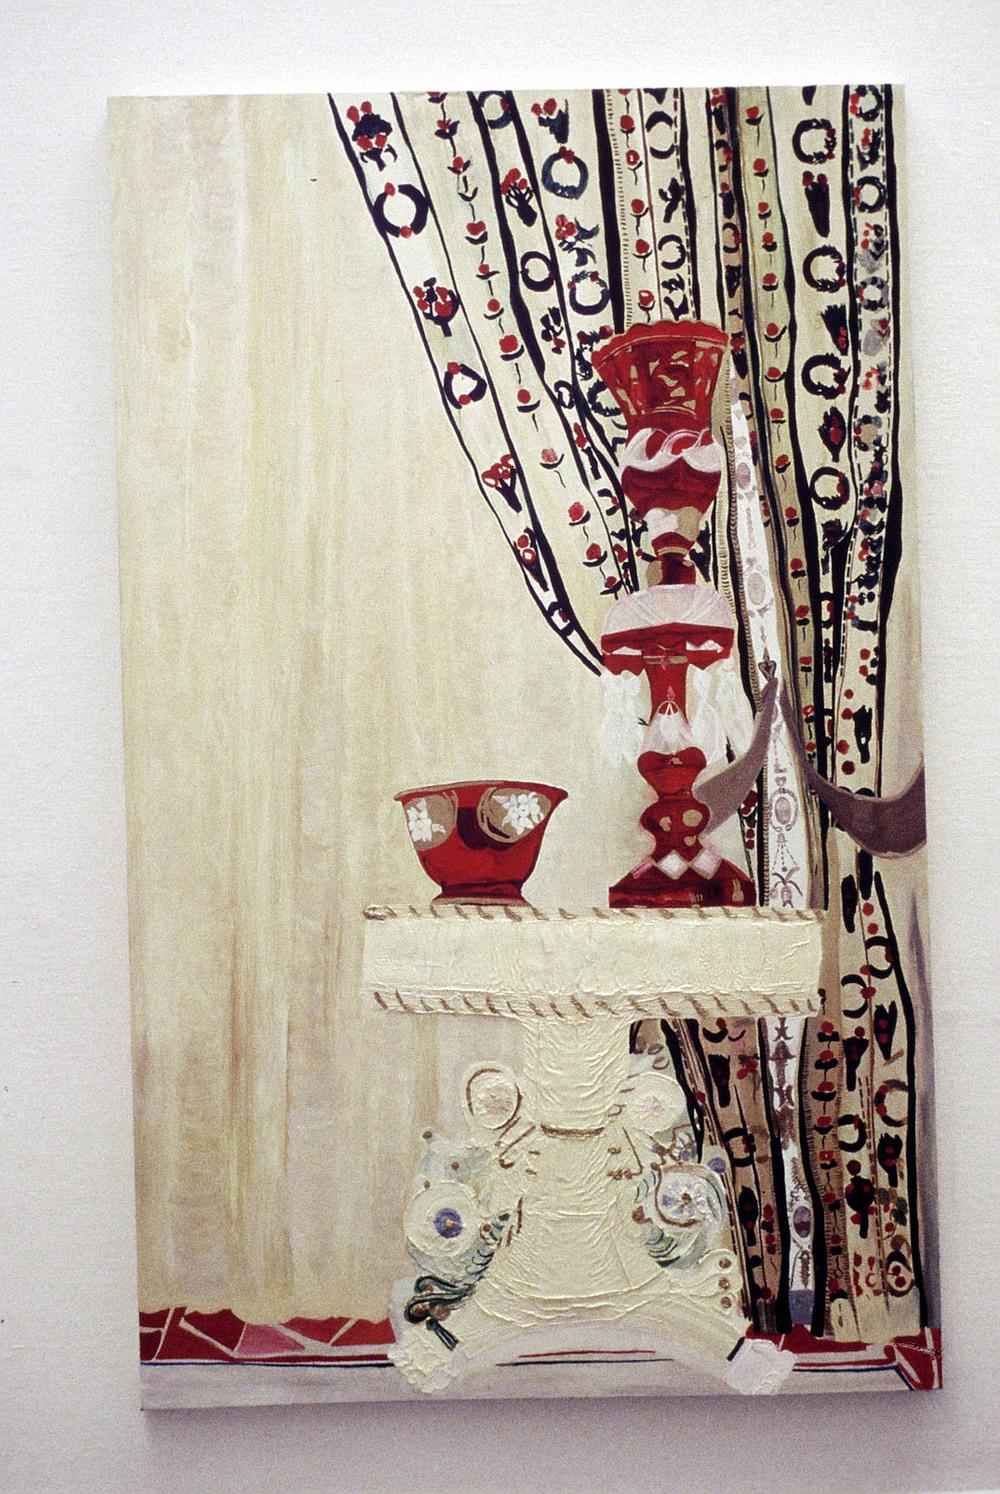 Wedding Cake   Oil on Canvas    186 x 117 cms